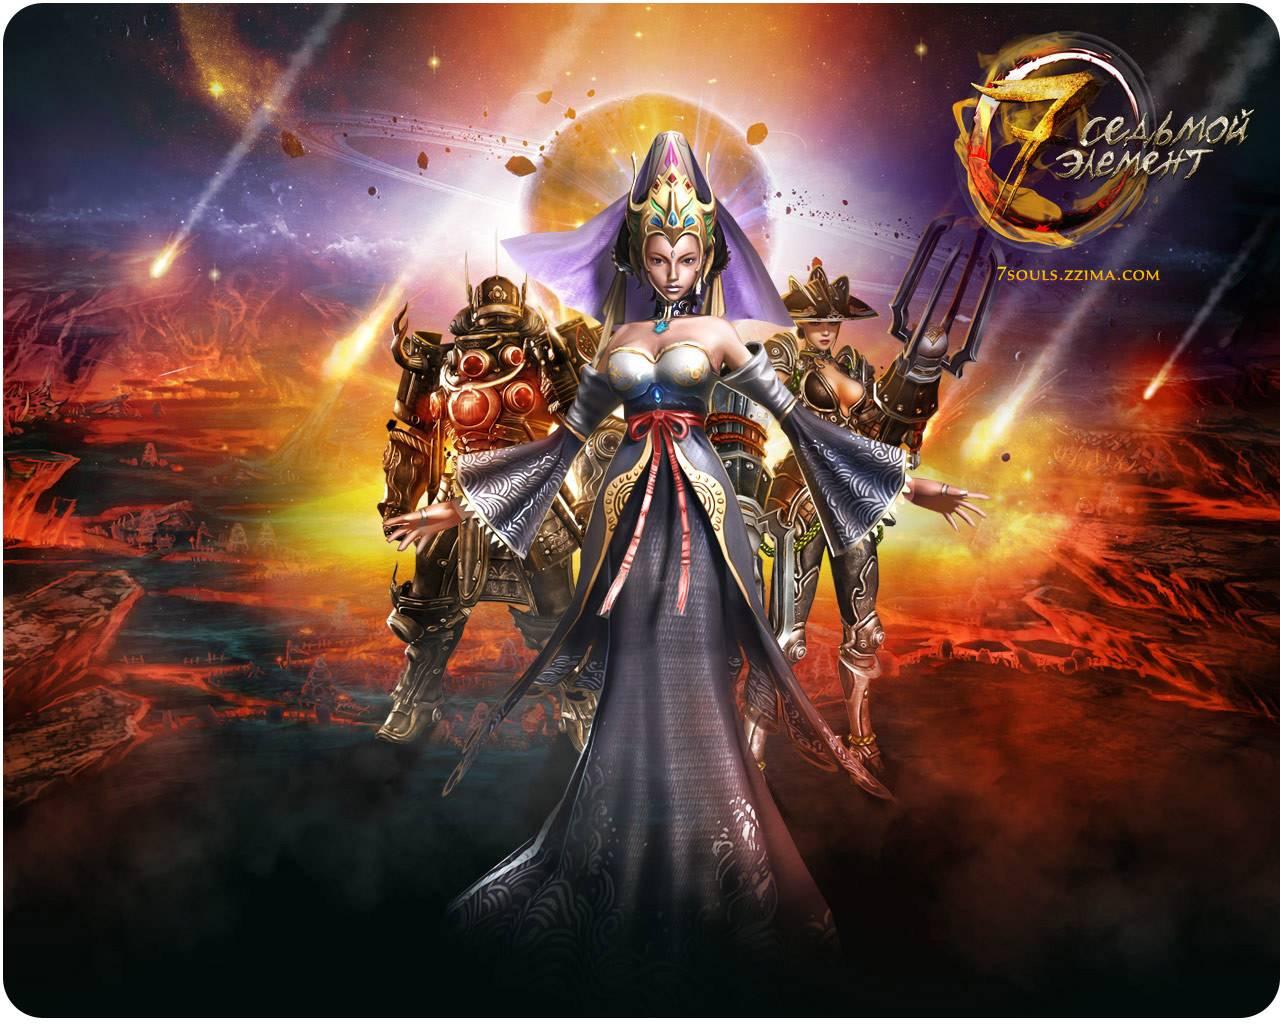 Седьмой элемент ролевой онлайн-боевик Играть